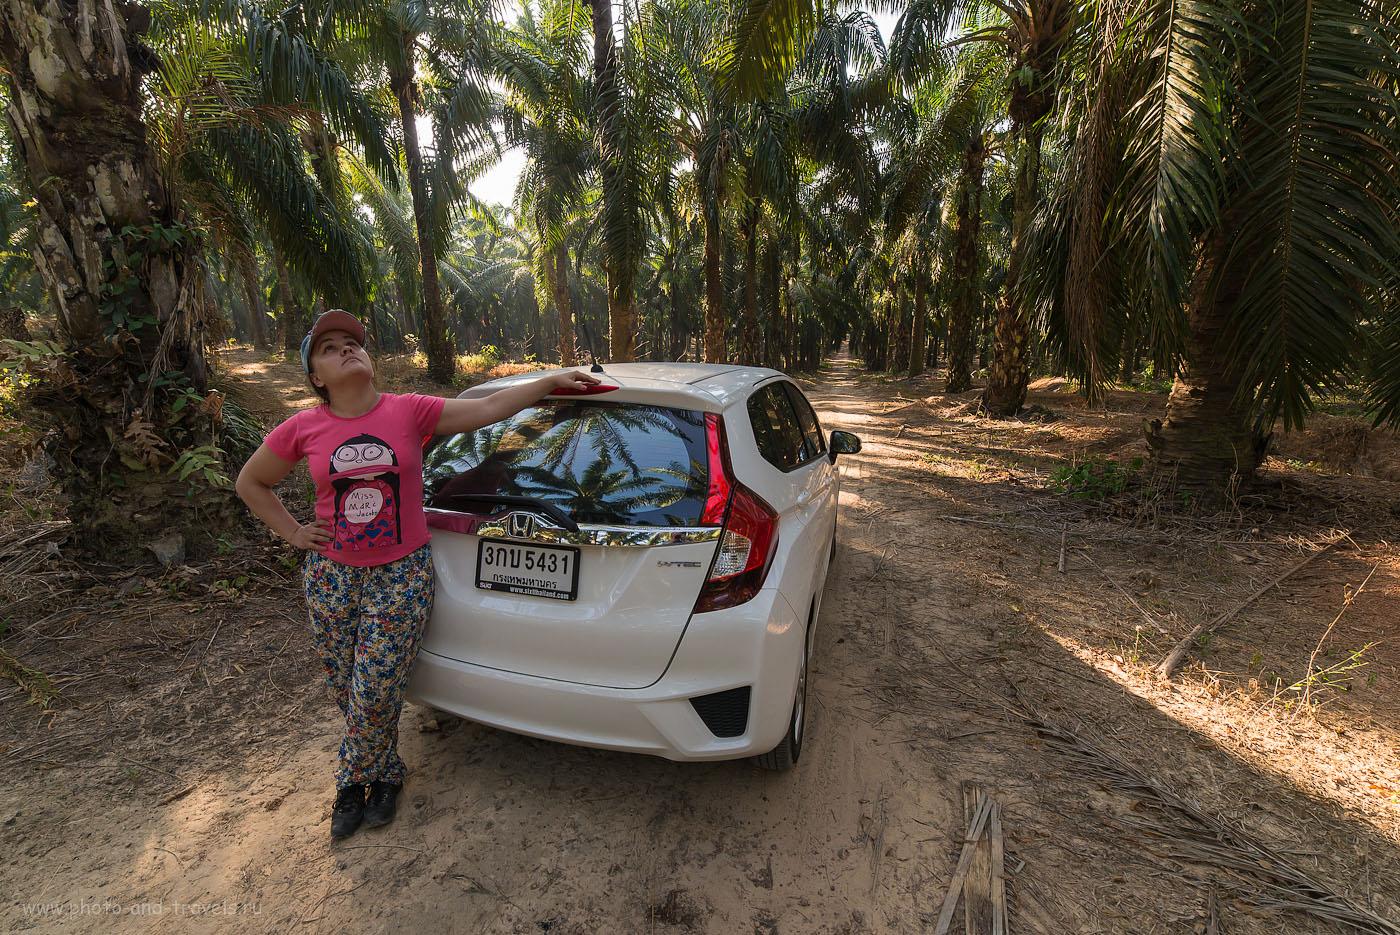 Фото 11. Эту машину мы арендовали и проехали по Таиланду 2500 км. Отчет о самостоятельной экскурсии к Изумрудному озеру на Краби (Ростовой портрет, снятый на полнокадровый фотоаппаратNikonD610 и широкоугольный объективSamyang14/2.8. Параметры съемки: 250, 14, 8.0, 1/250)